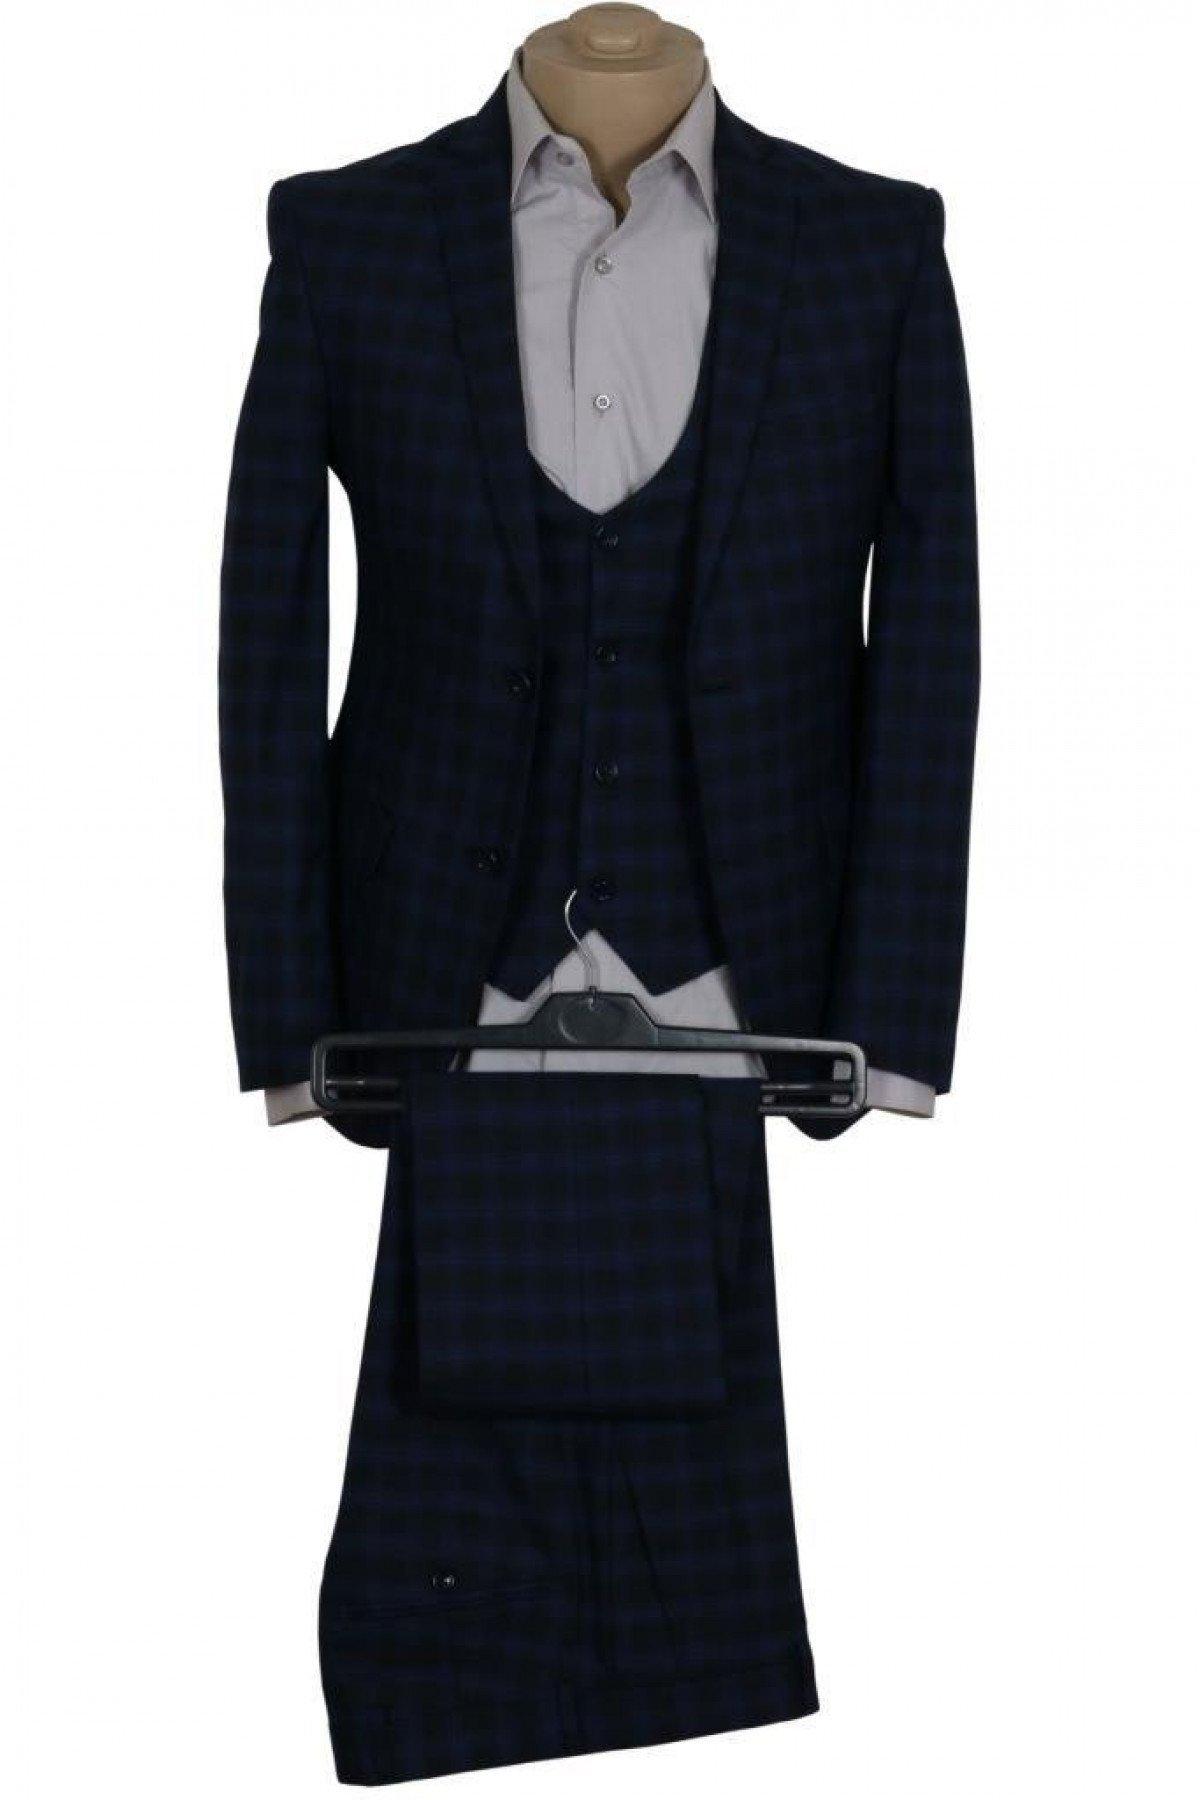 Erkek Takım Elbise Yelekli Dar Kesim RAR00686